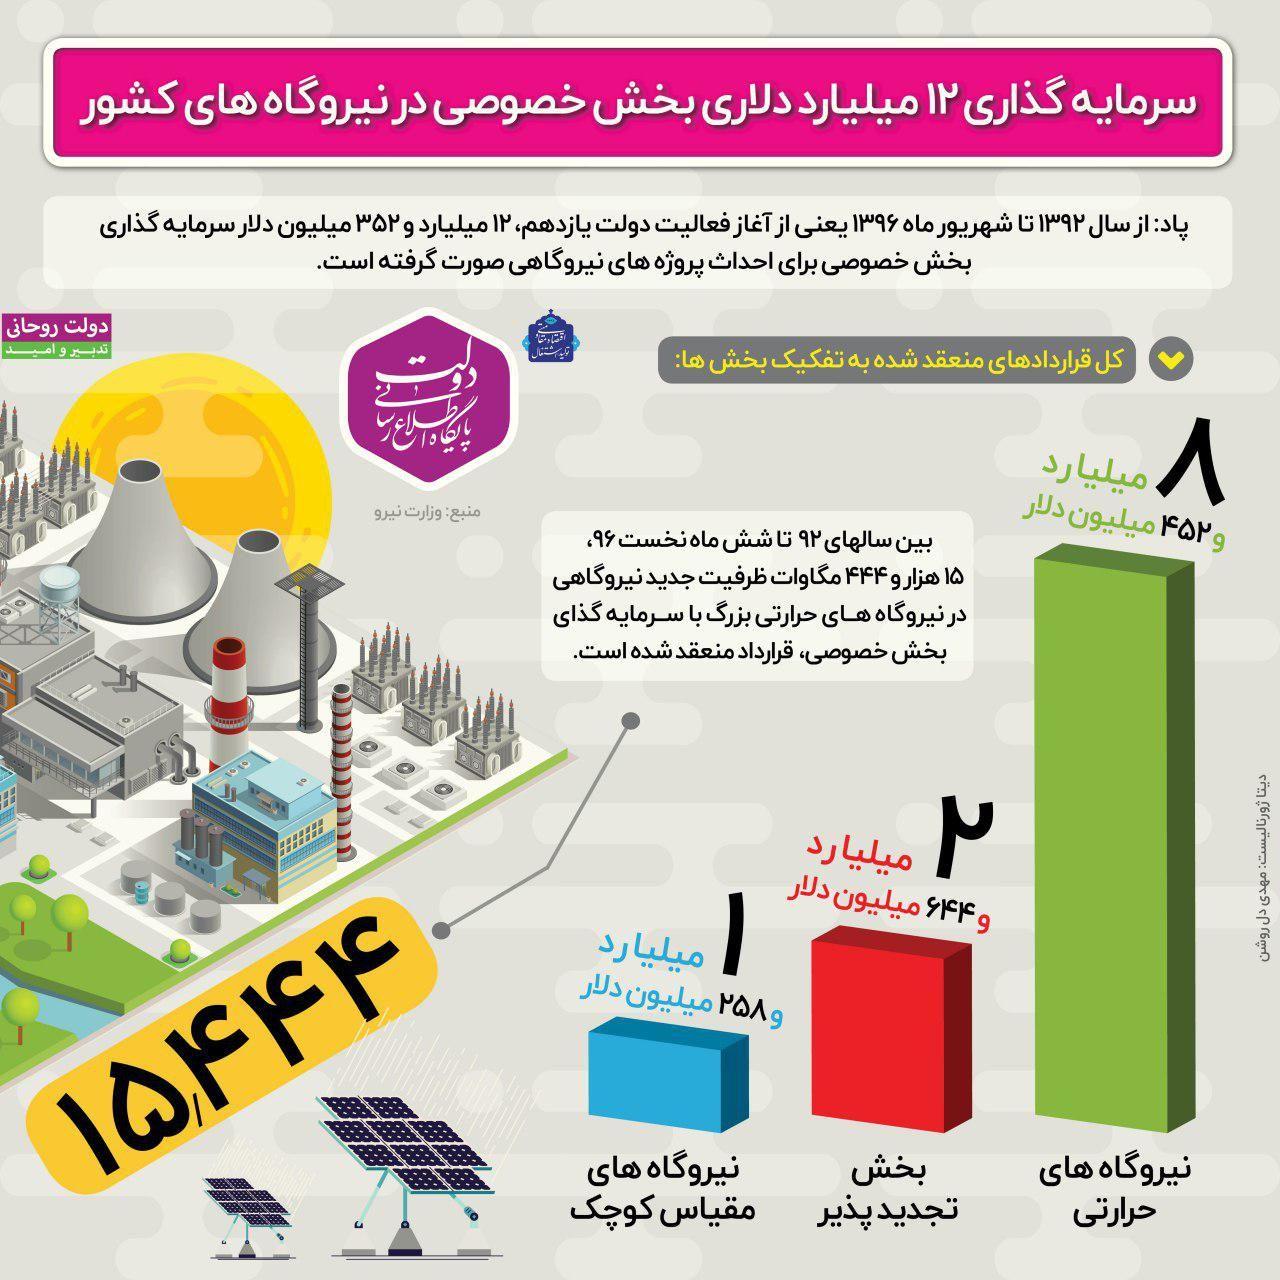 سرمایه گذاری بخش خصوصی برای تولید برق +اینفوگرافیک